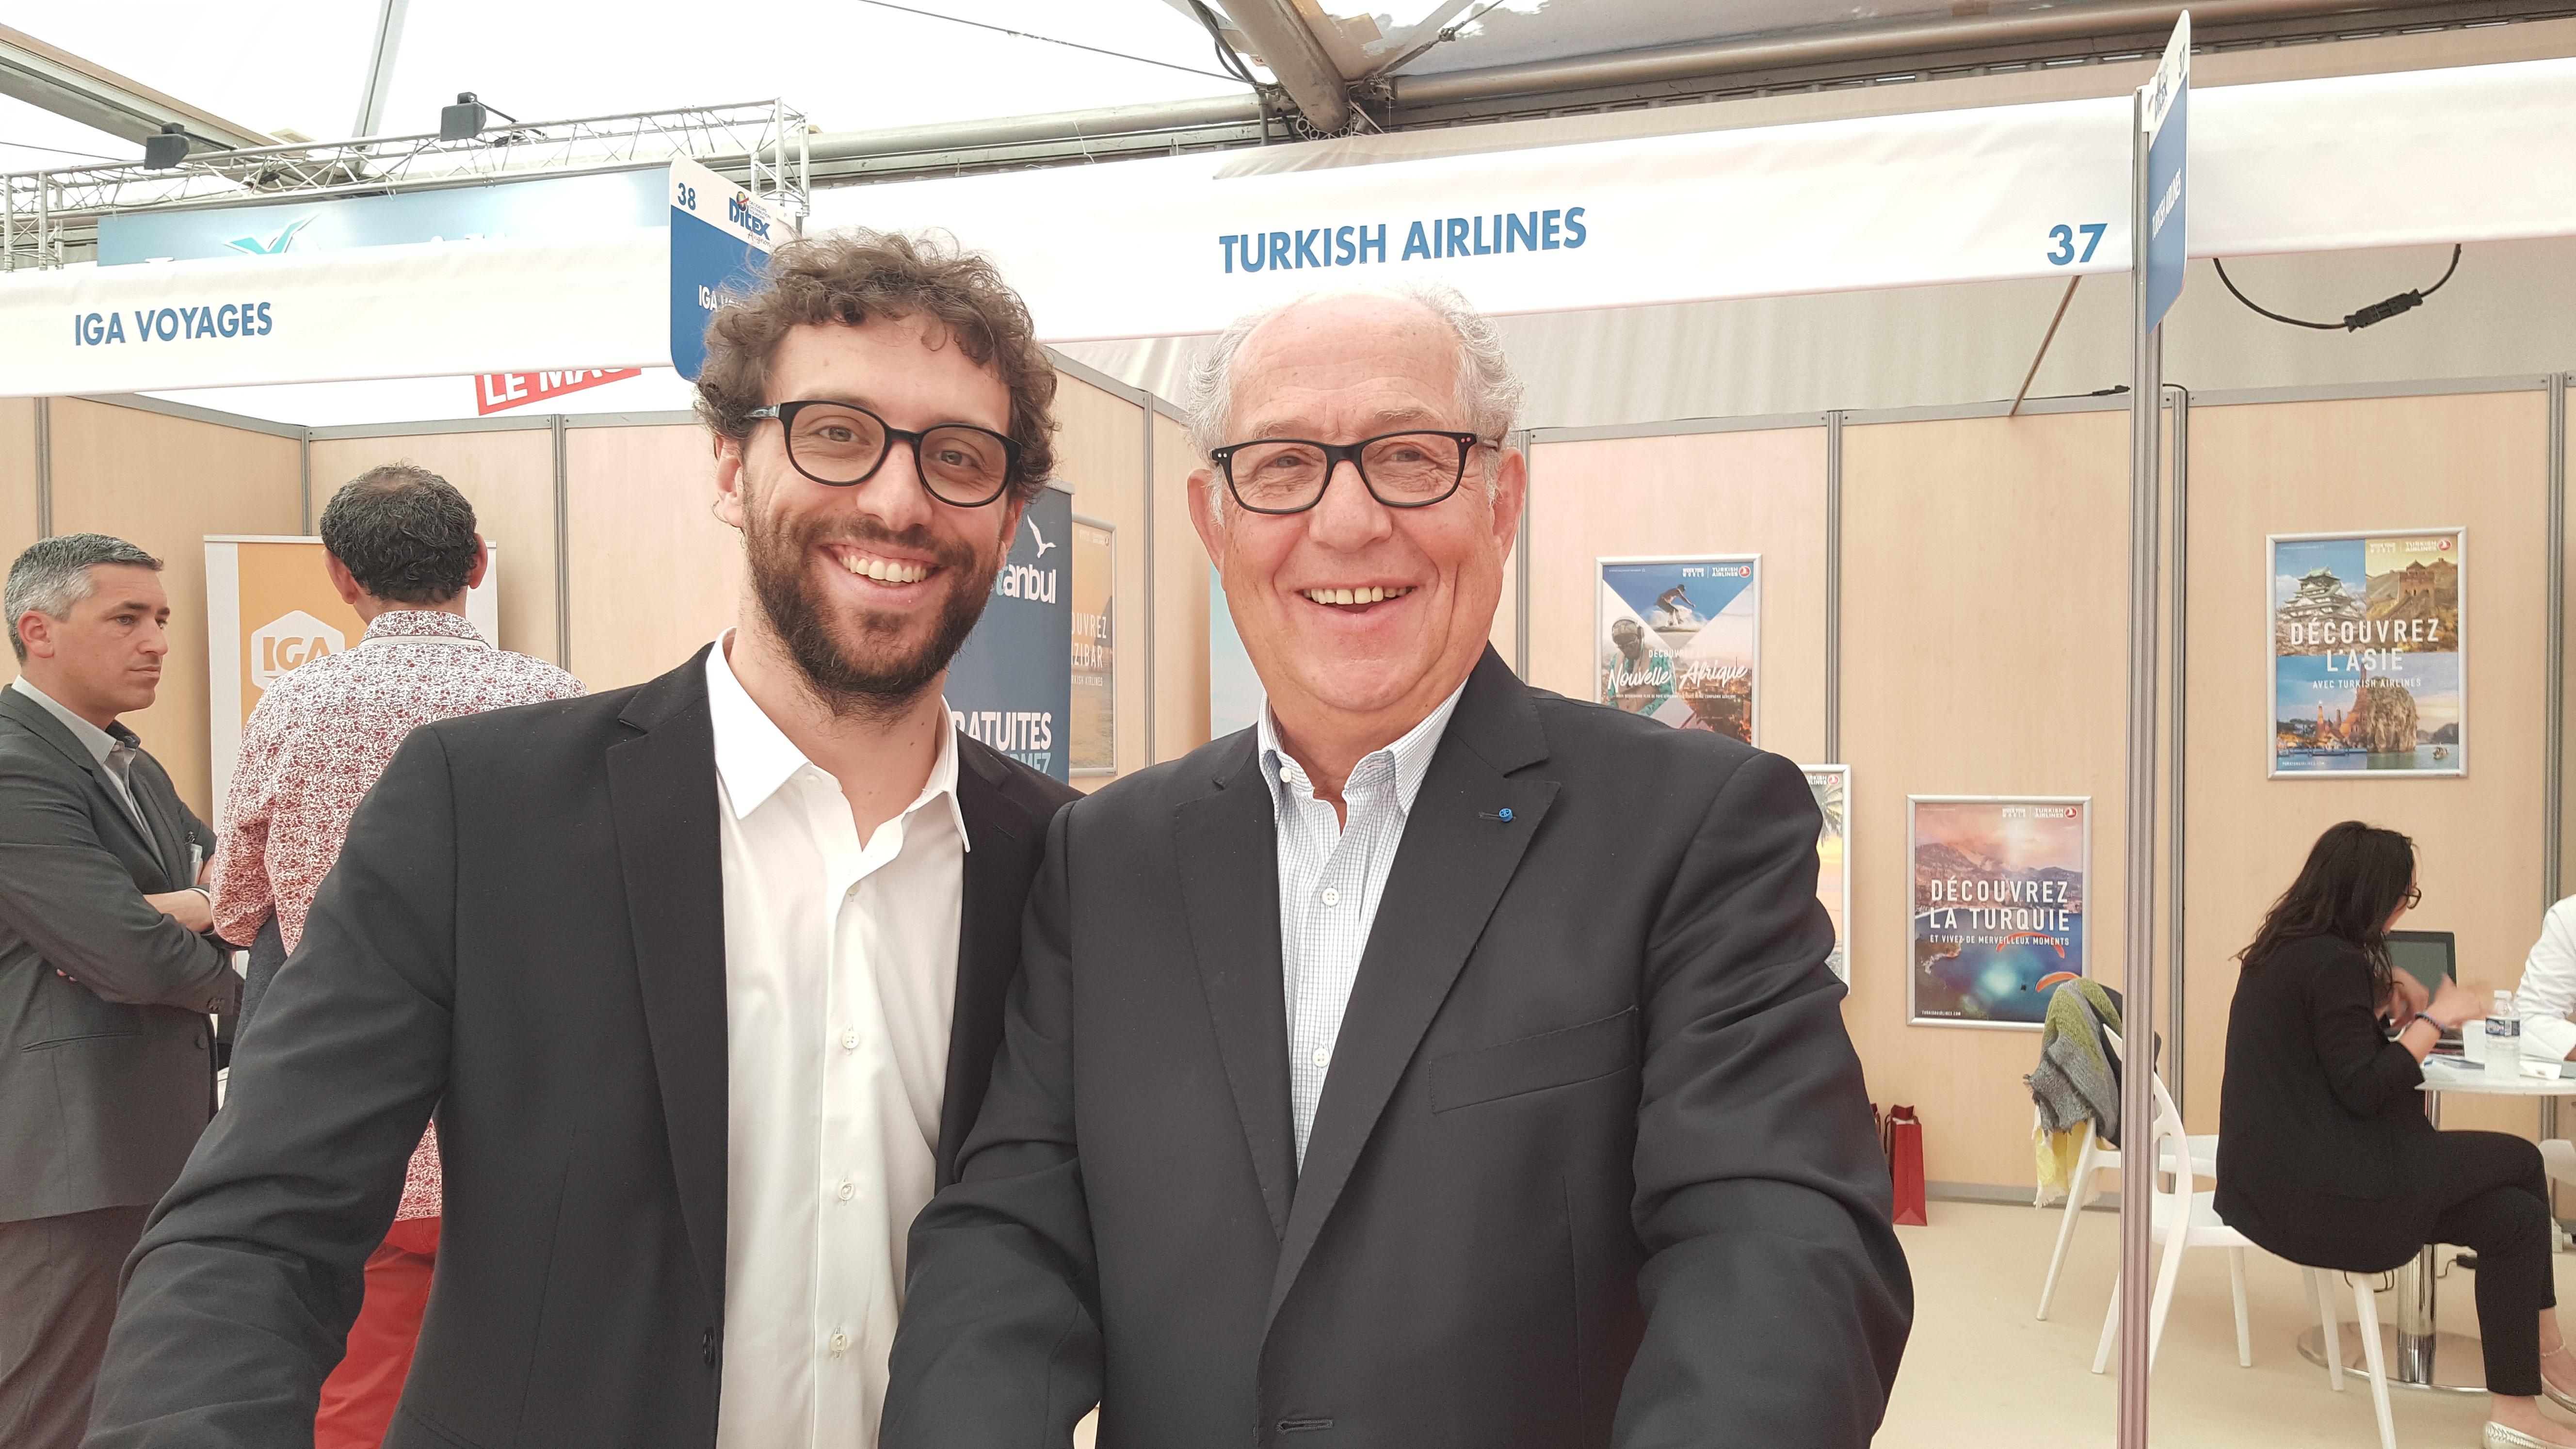 Jean-François Alexandre à droite avec son fils lors de l'édition 2017 du Salon du Ditex - Photo AB